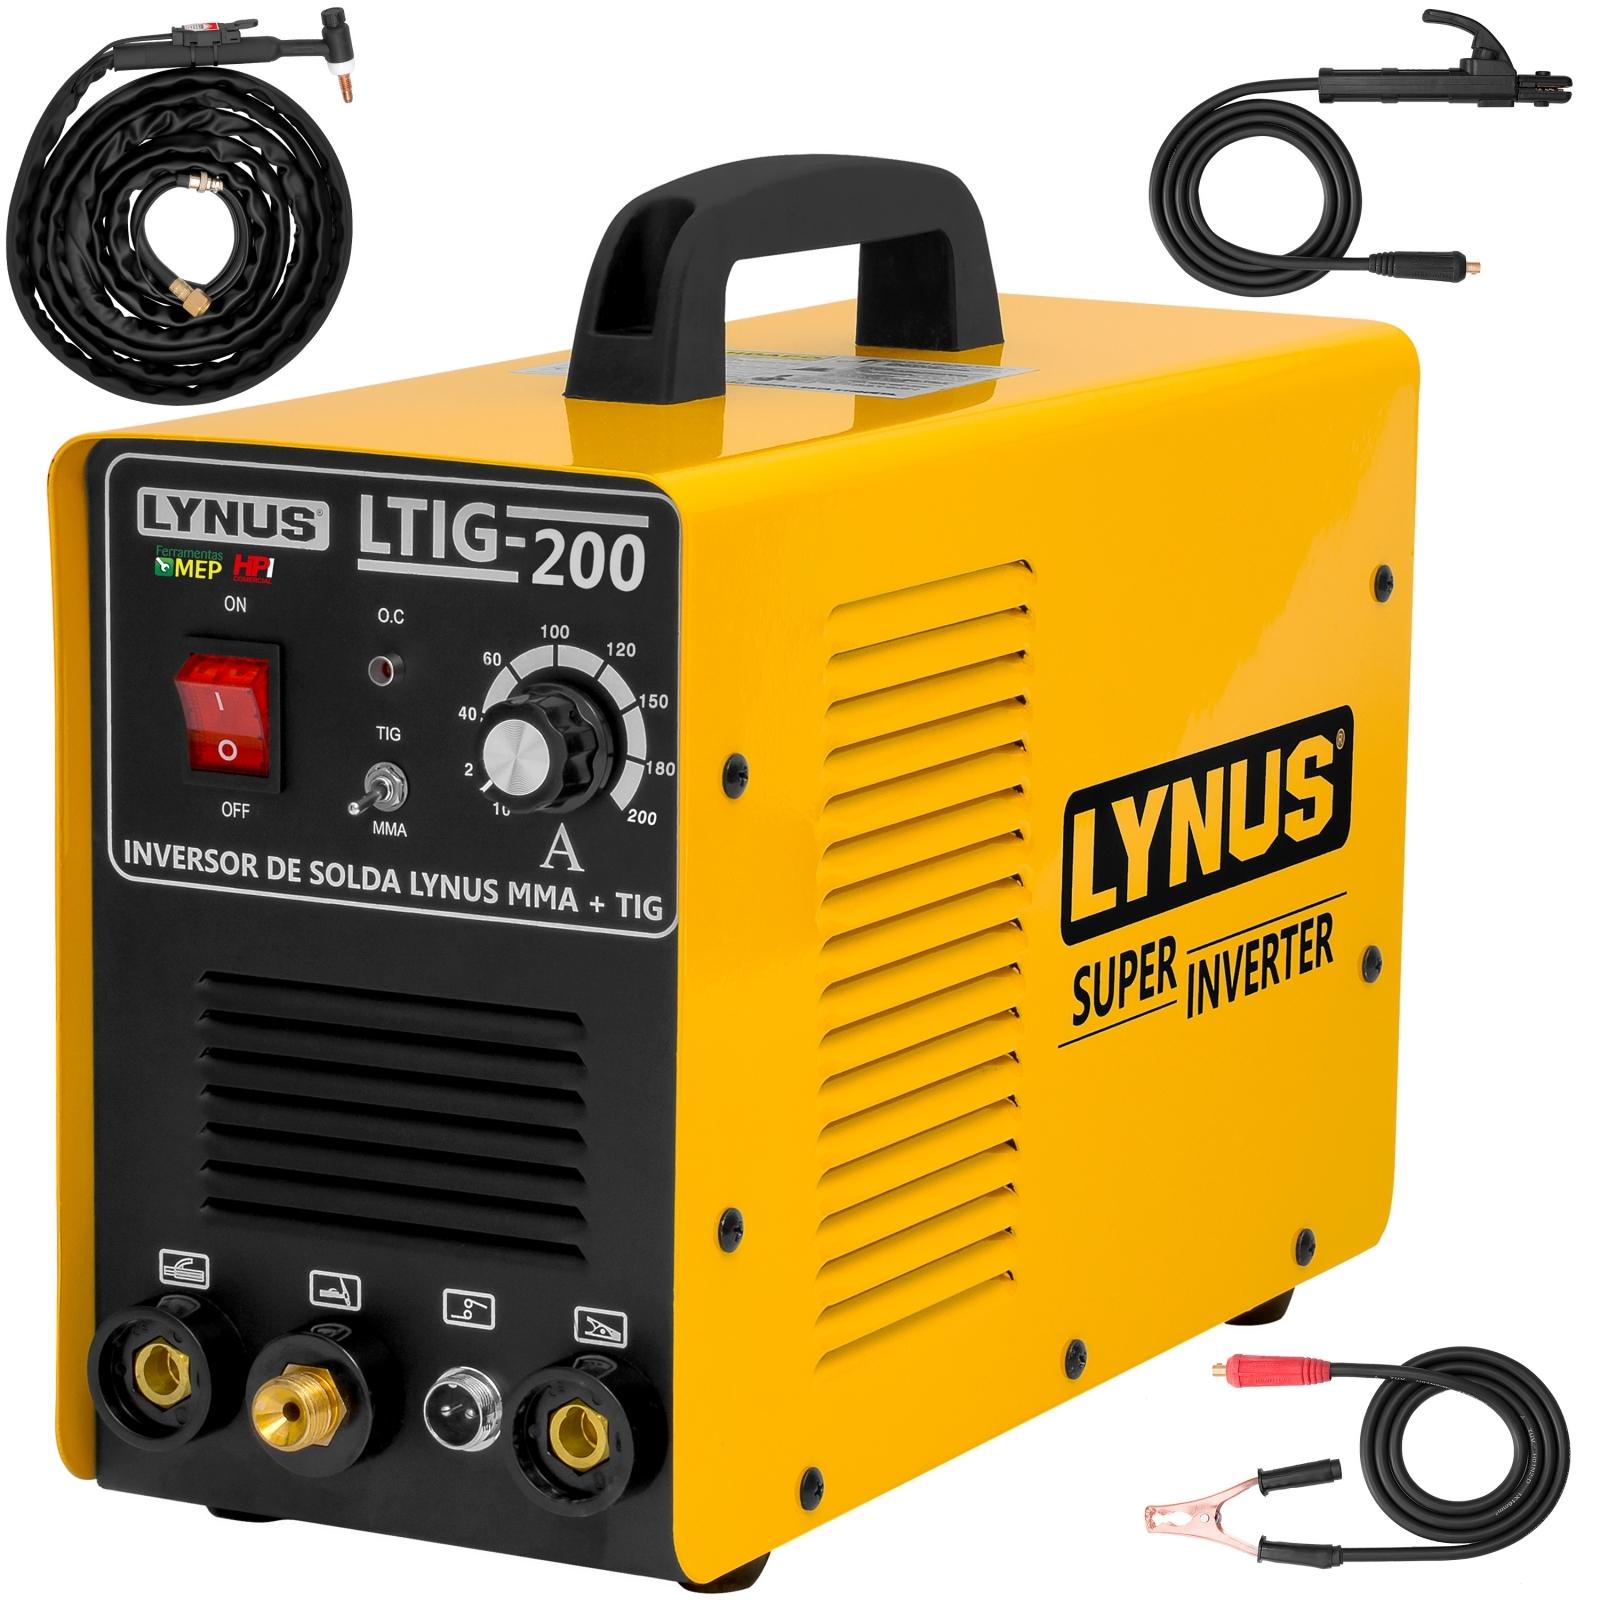 Máquina De Solda 200a Tig Mma  Lynus Ltig-200 220 Volts - Ferramentas MEP